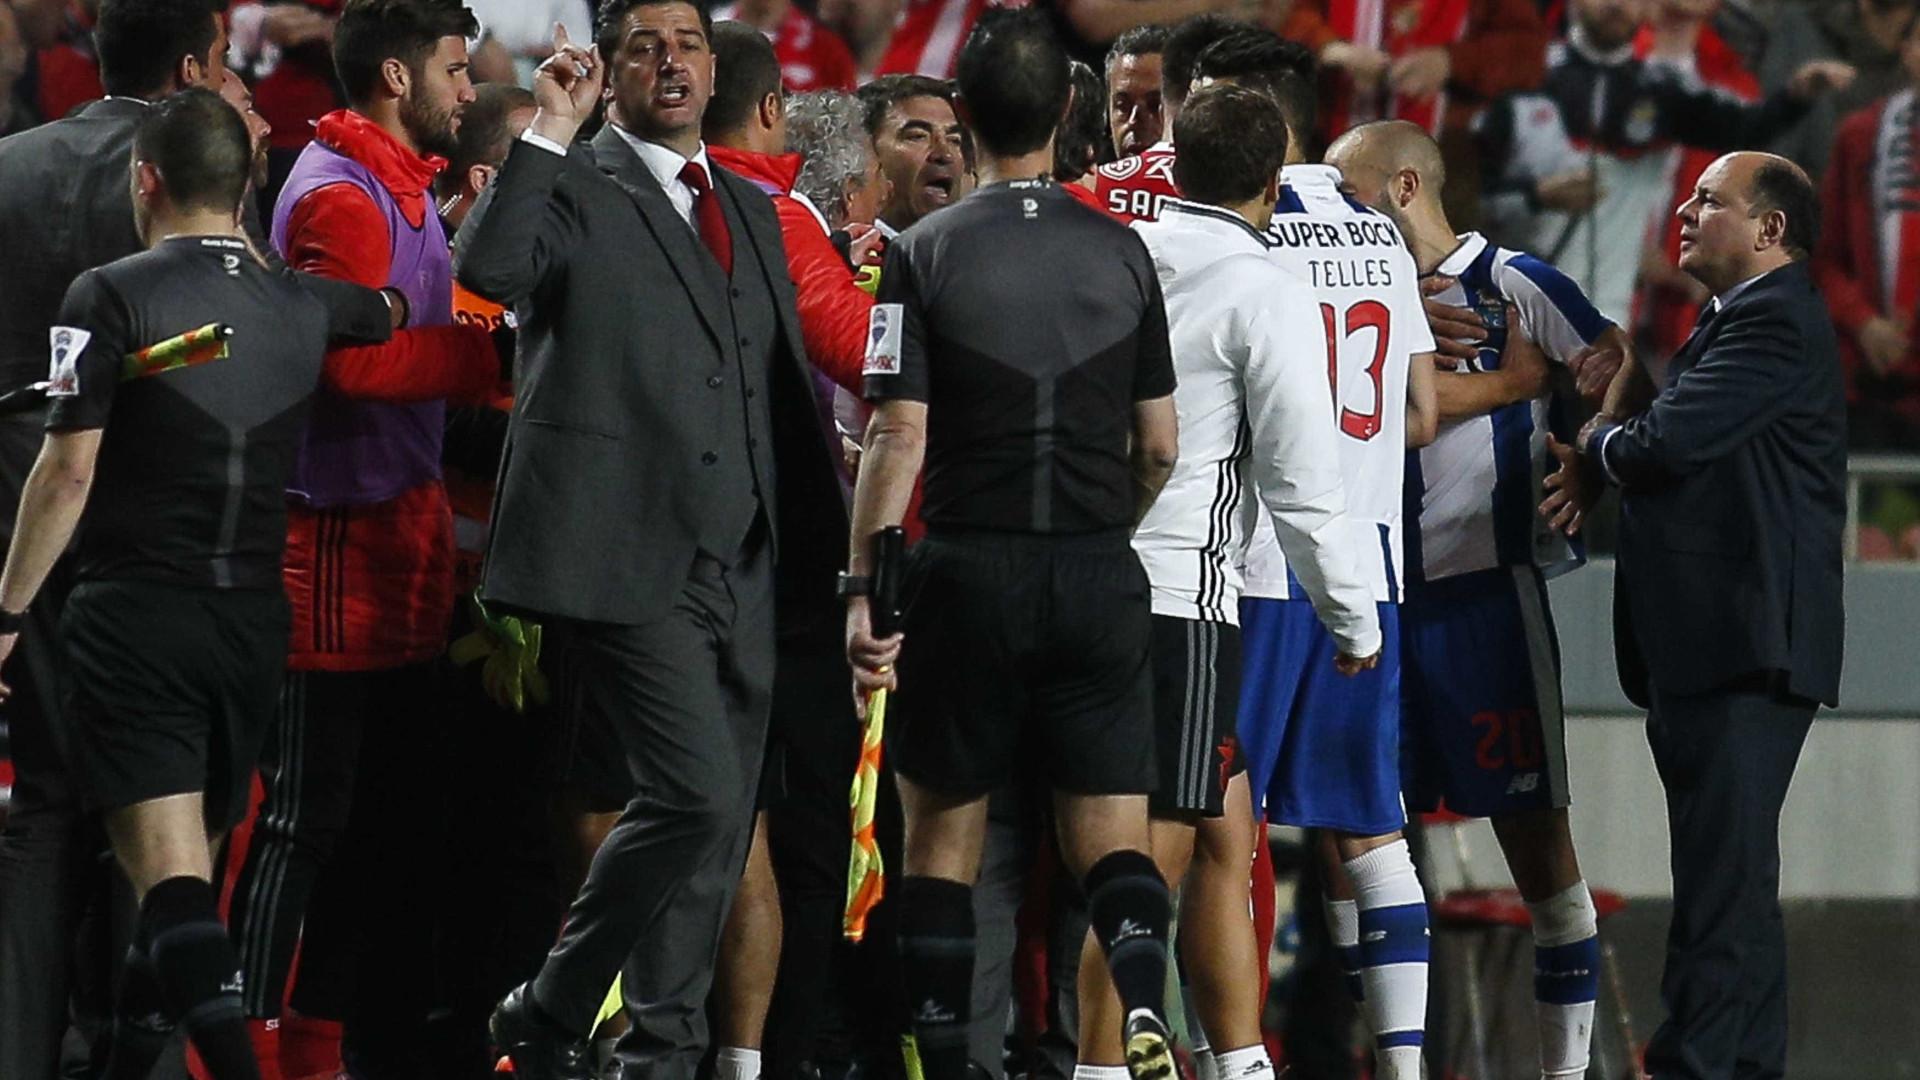 """Claques ilegais: FC Porto pede """"coragem"""" para penalizar Benfica"""